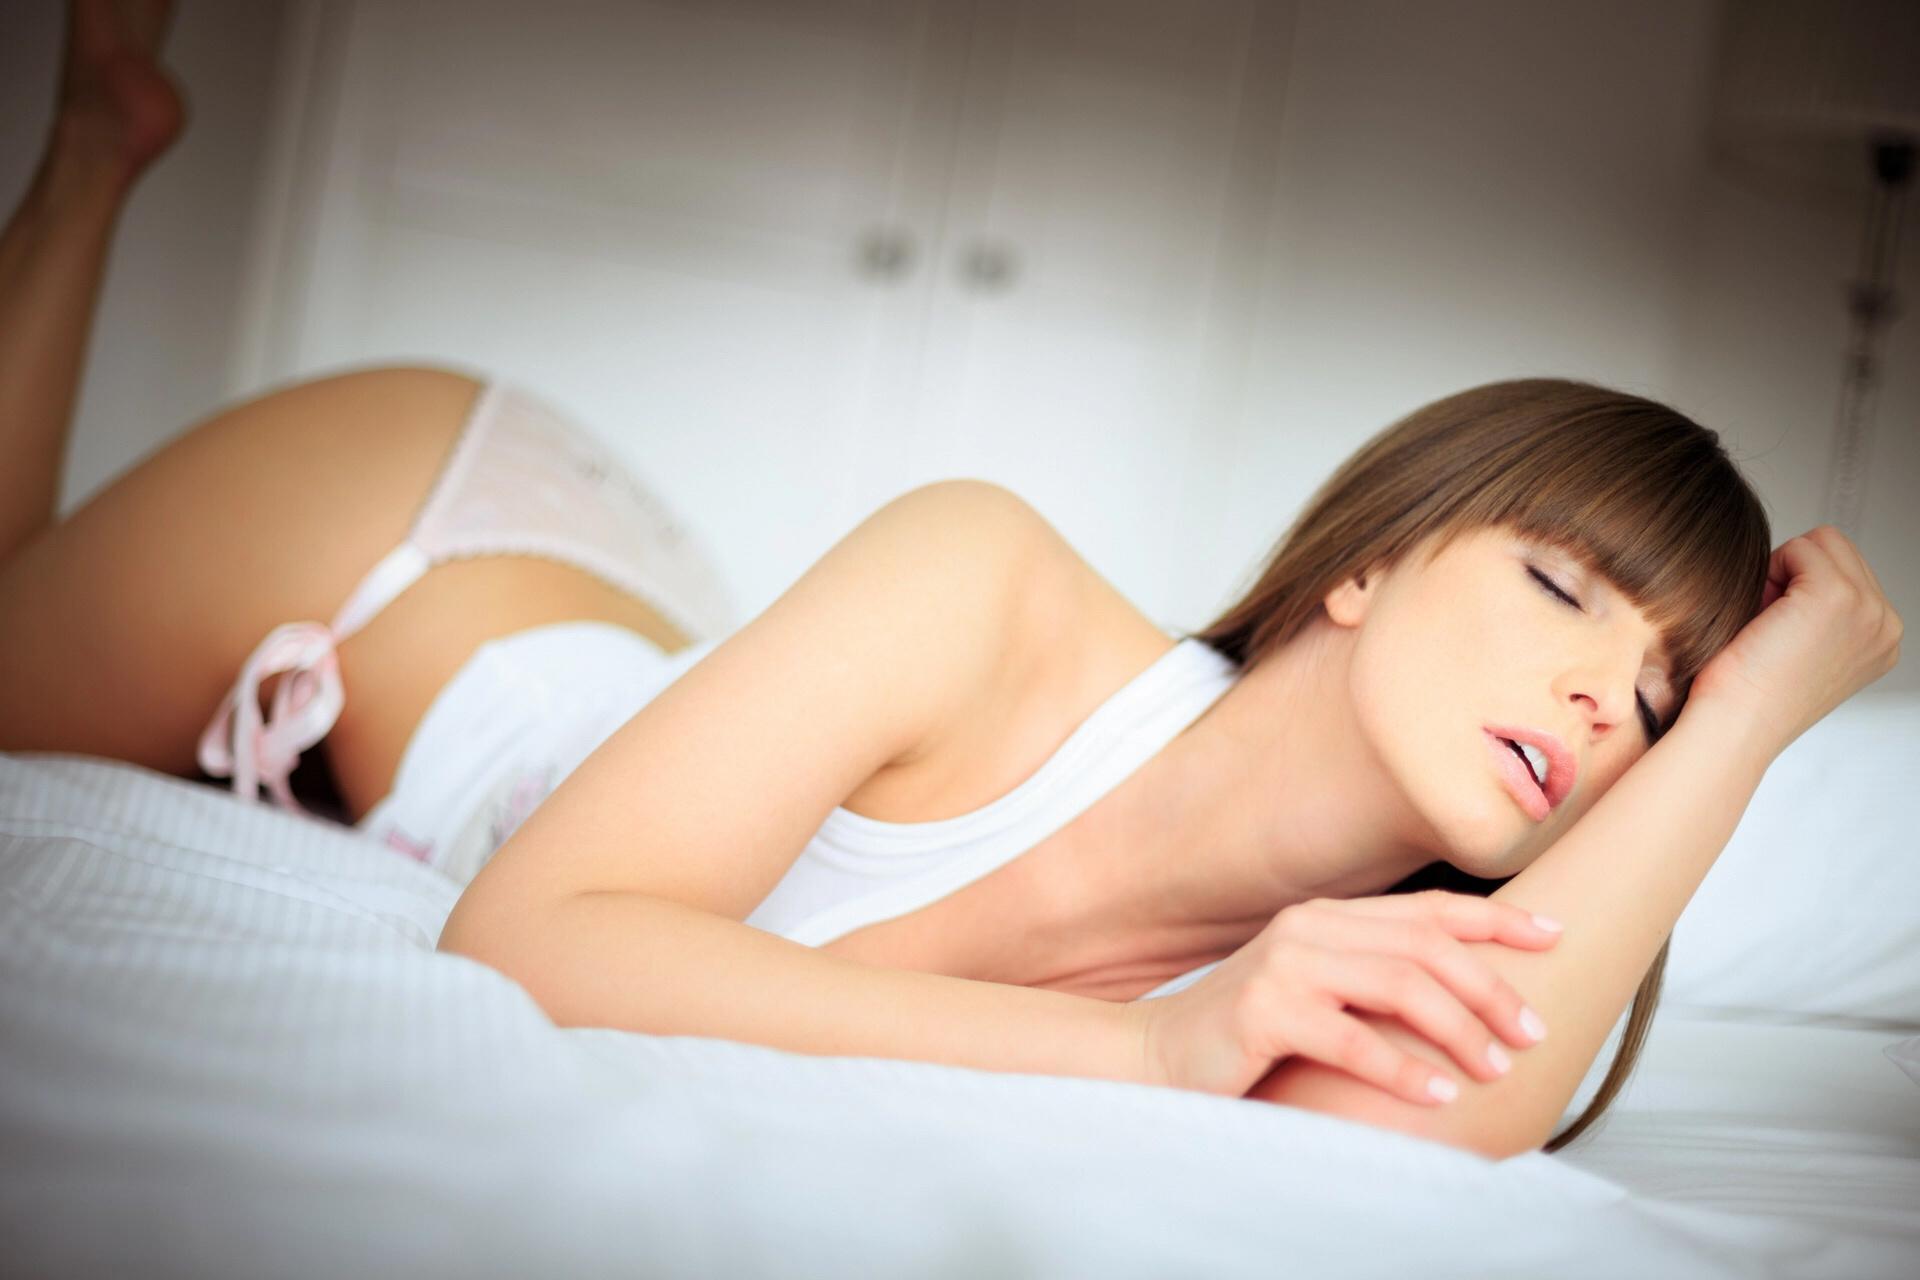 Молодая в экстазе фото, смотреть порно фильм про сисястых дам